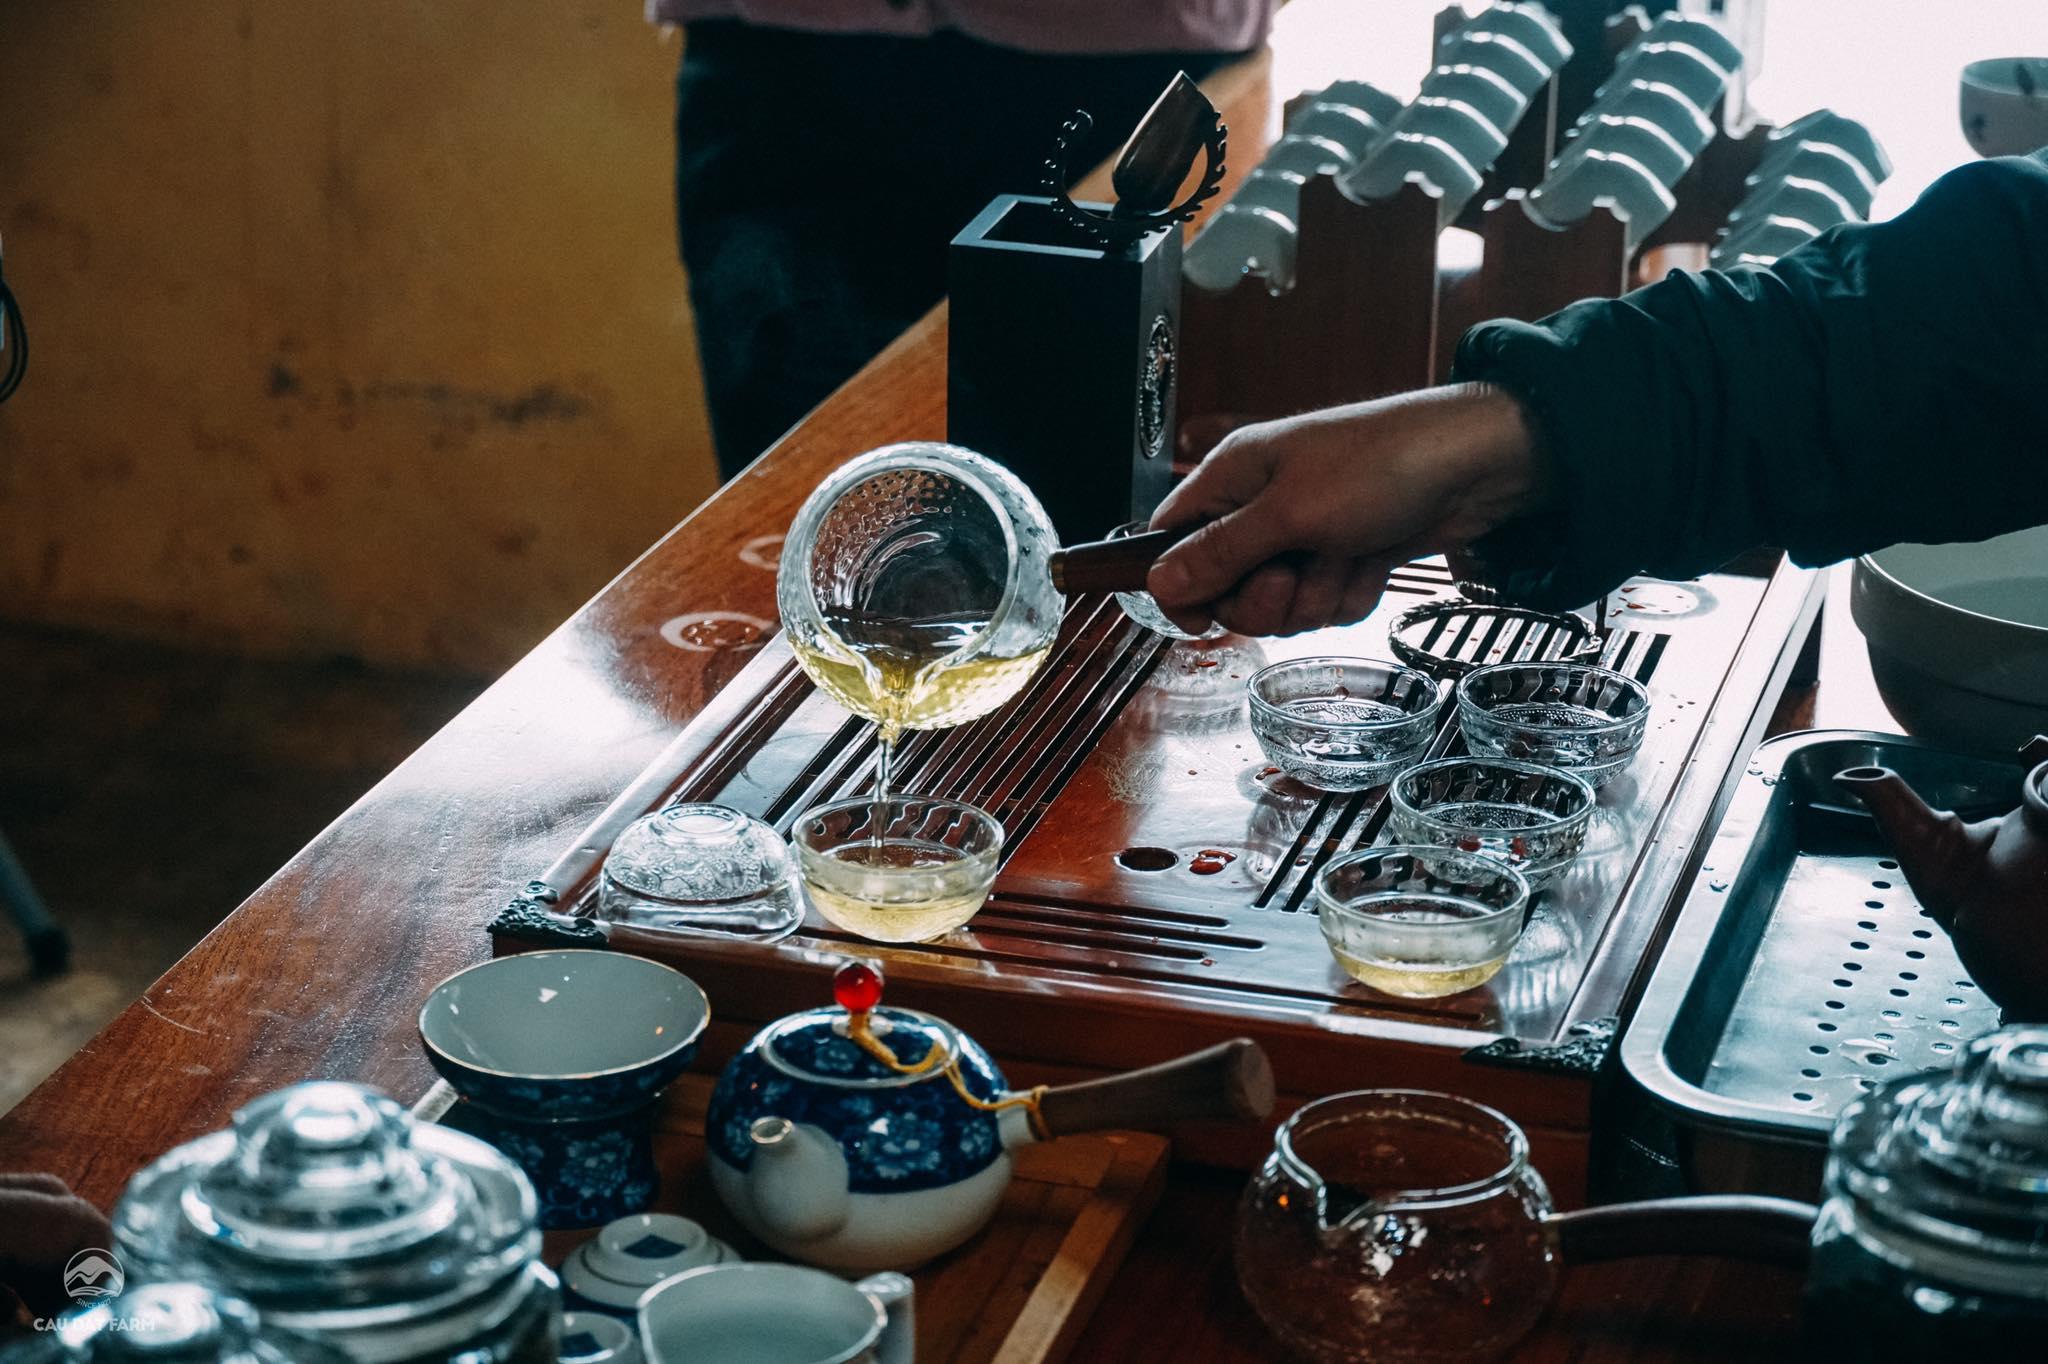 Bạn có thể thưởng thức những ly trà vị thanh tao, thơm ngon tại nhà máy chè Cầu Đất.